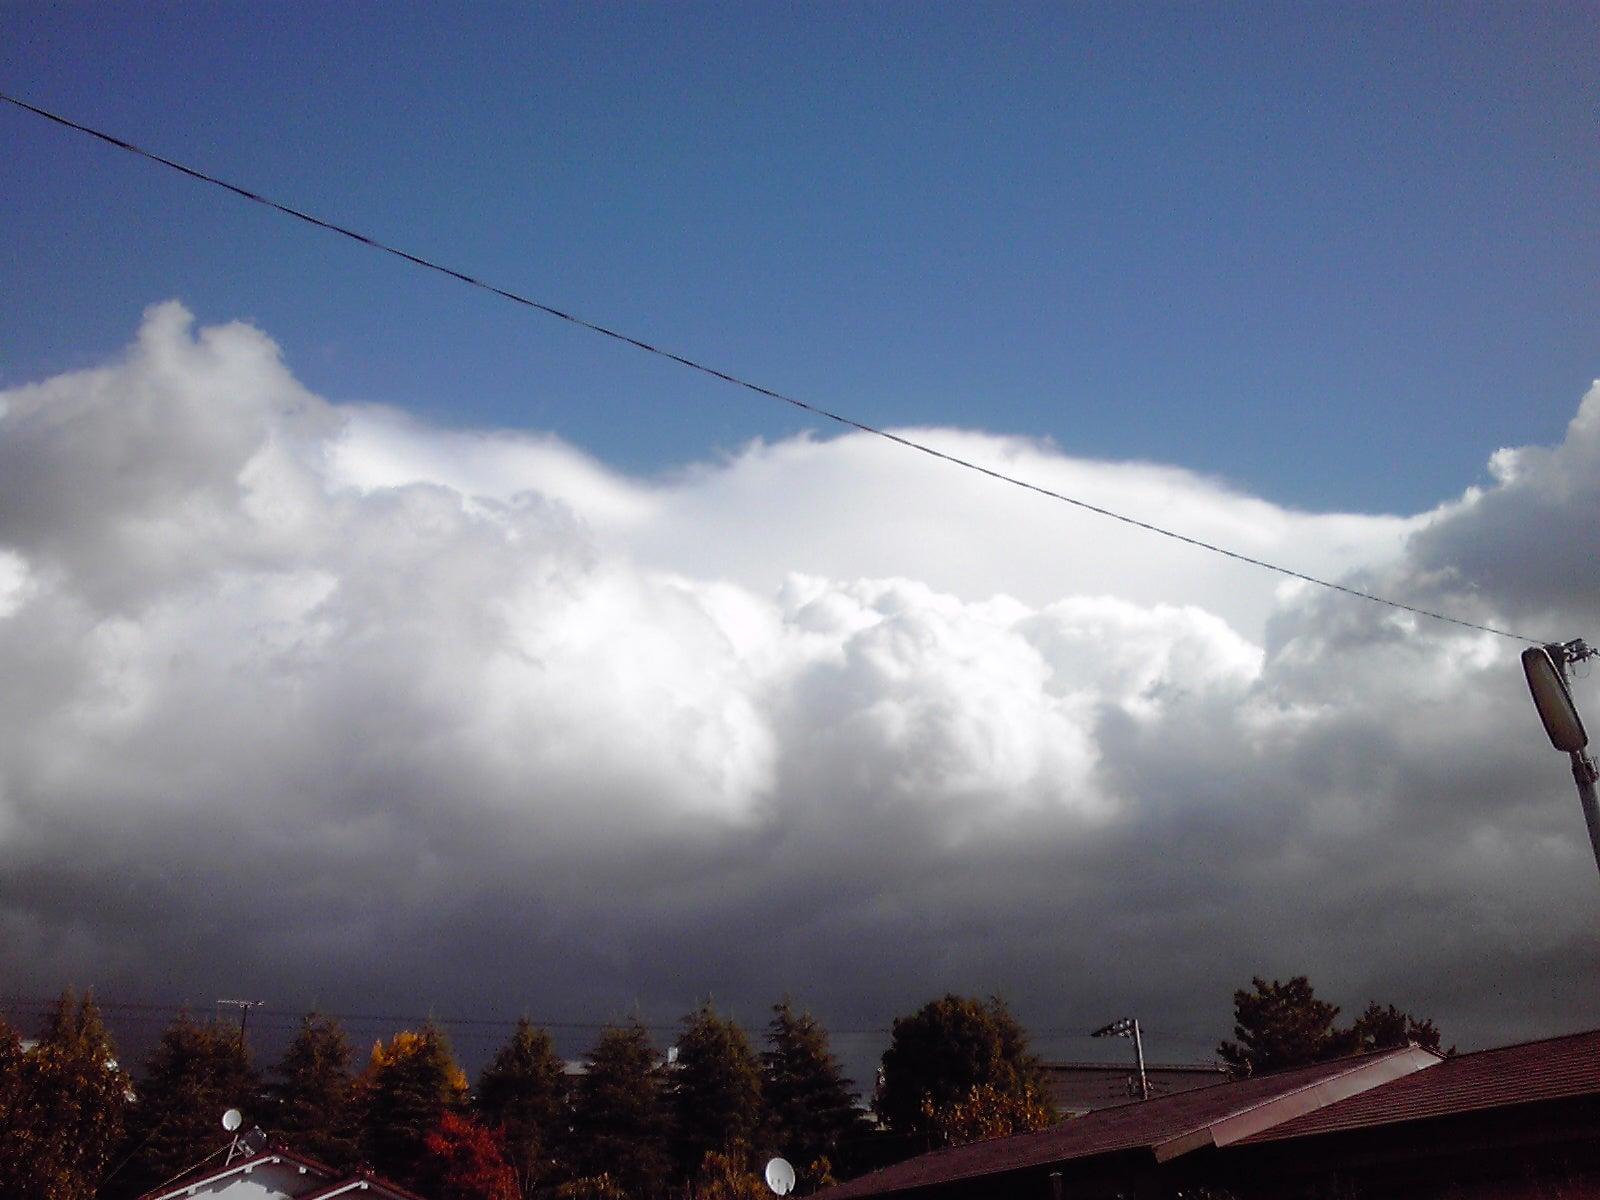 防災 2011 知らせていたよ! 分厚い断層地震雲の出現で